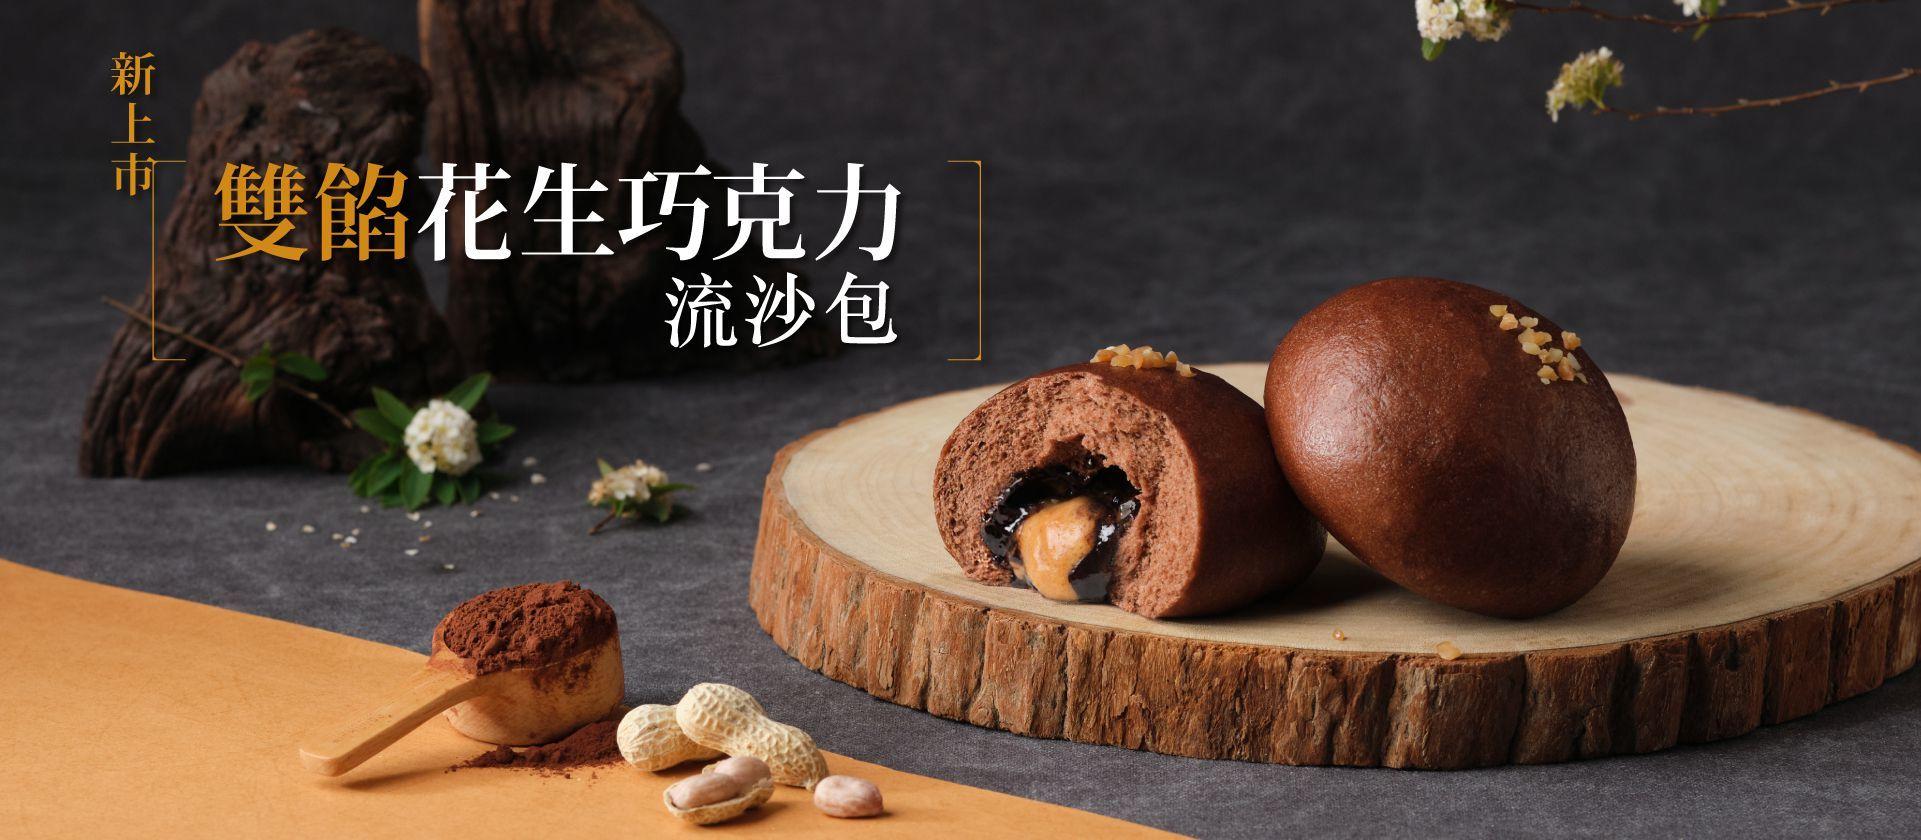 兩顆深咖啡色的花生巧克力流沙包陳列在木質圓盤上,其中一顆被剝開,流出花生與巧克力的內餡。畫面前方有一匙可可粉以及剝開的帶殼花生。